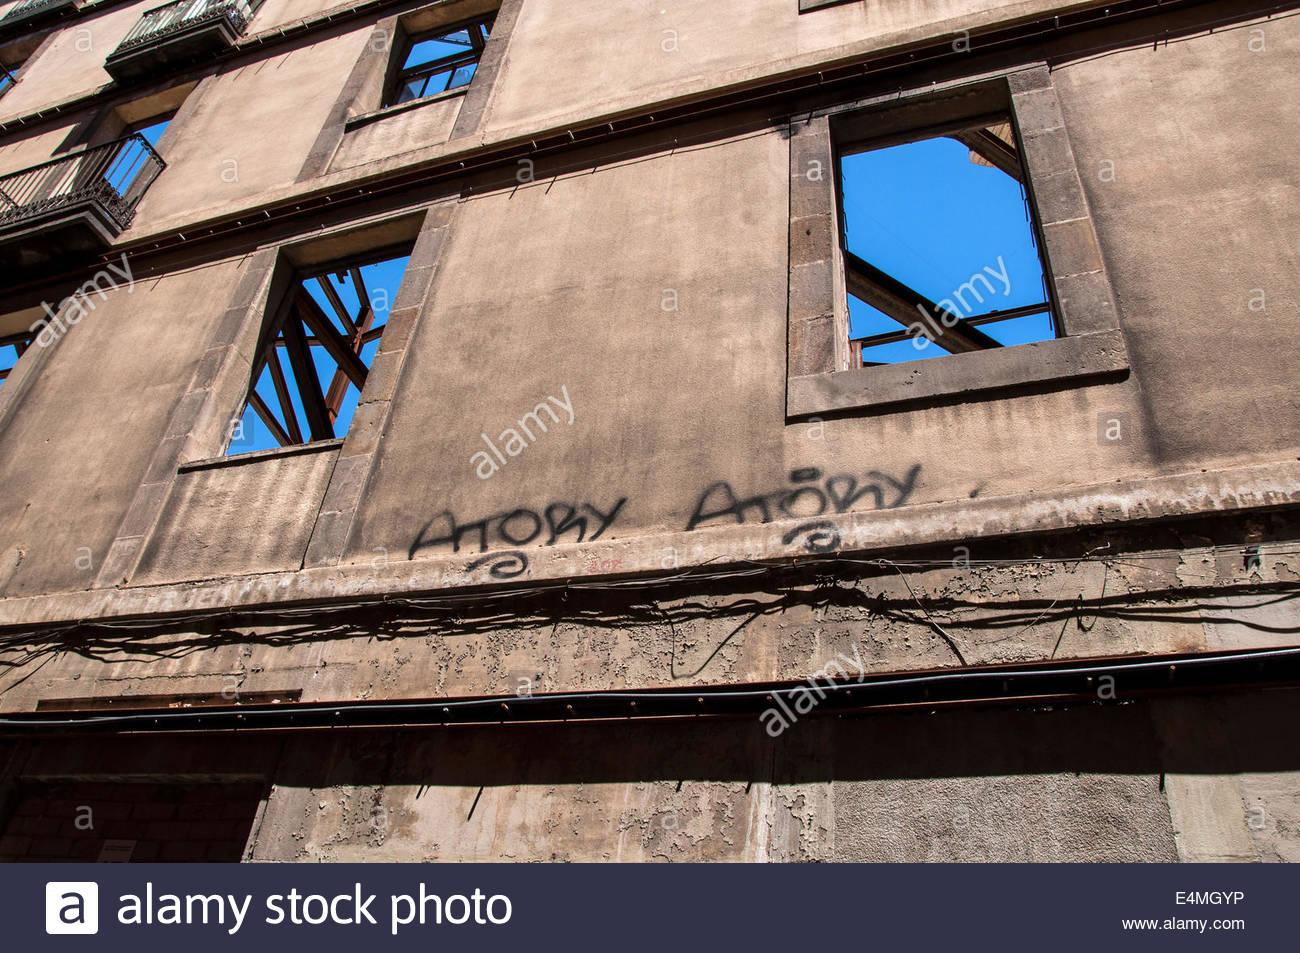 Vigas Stock Photos Amp Vigas Stock Images Alamy